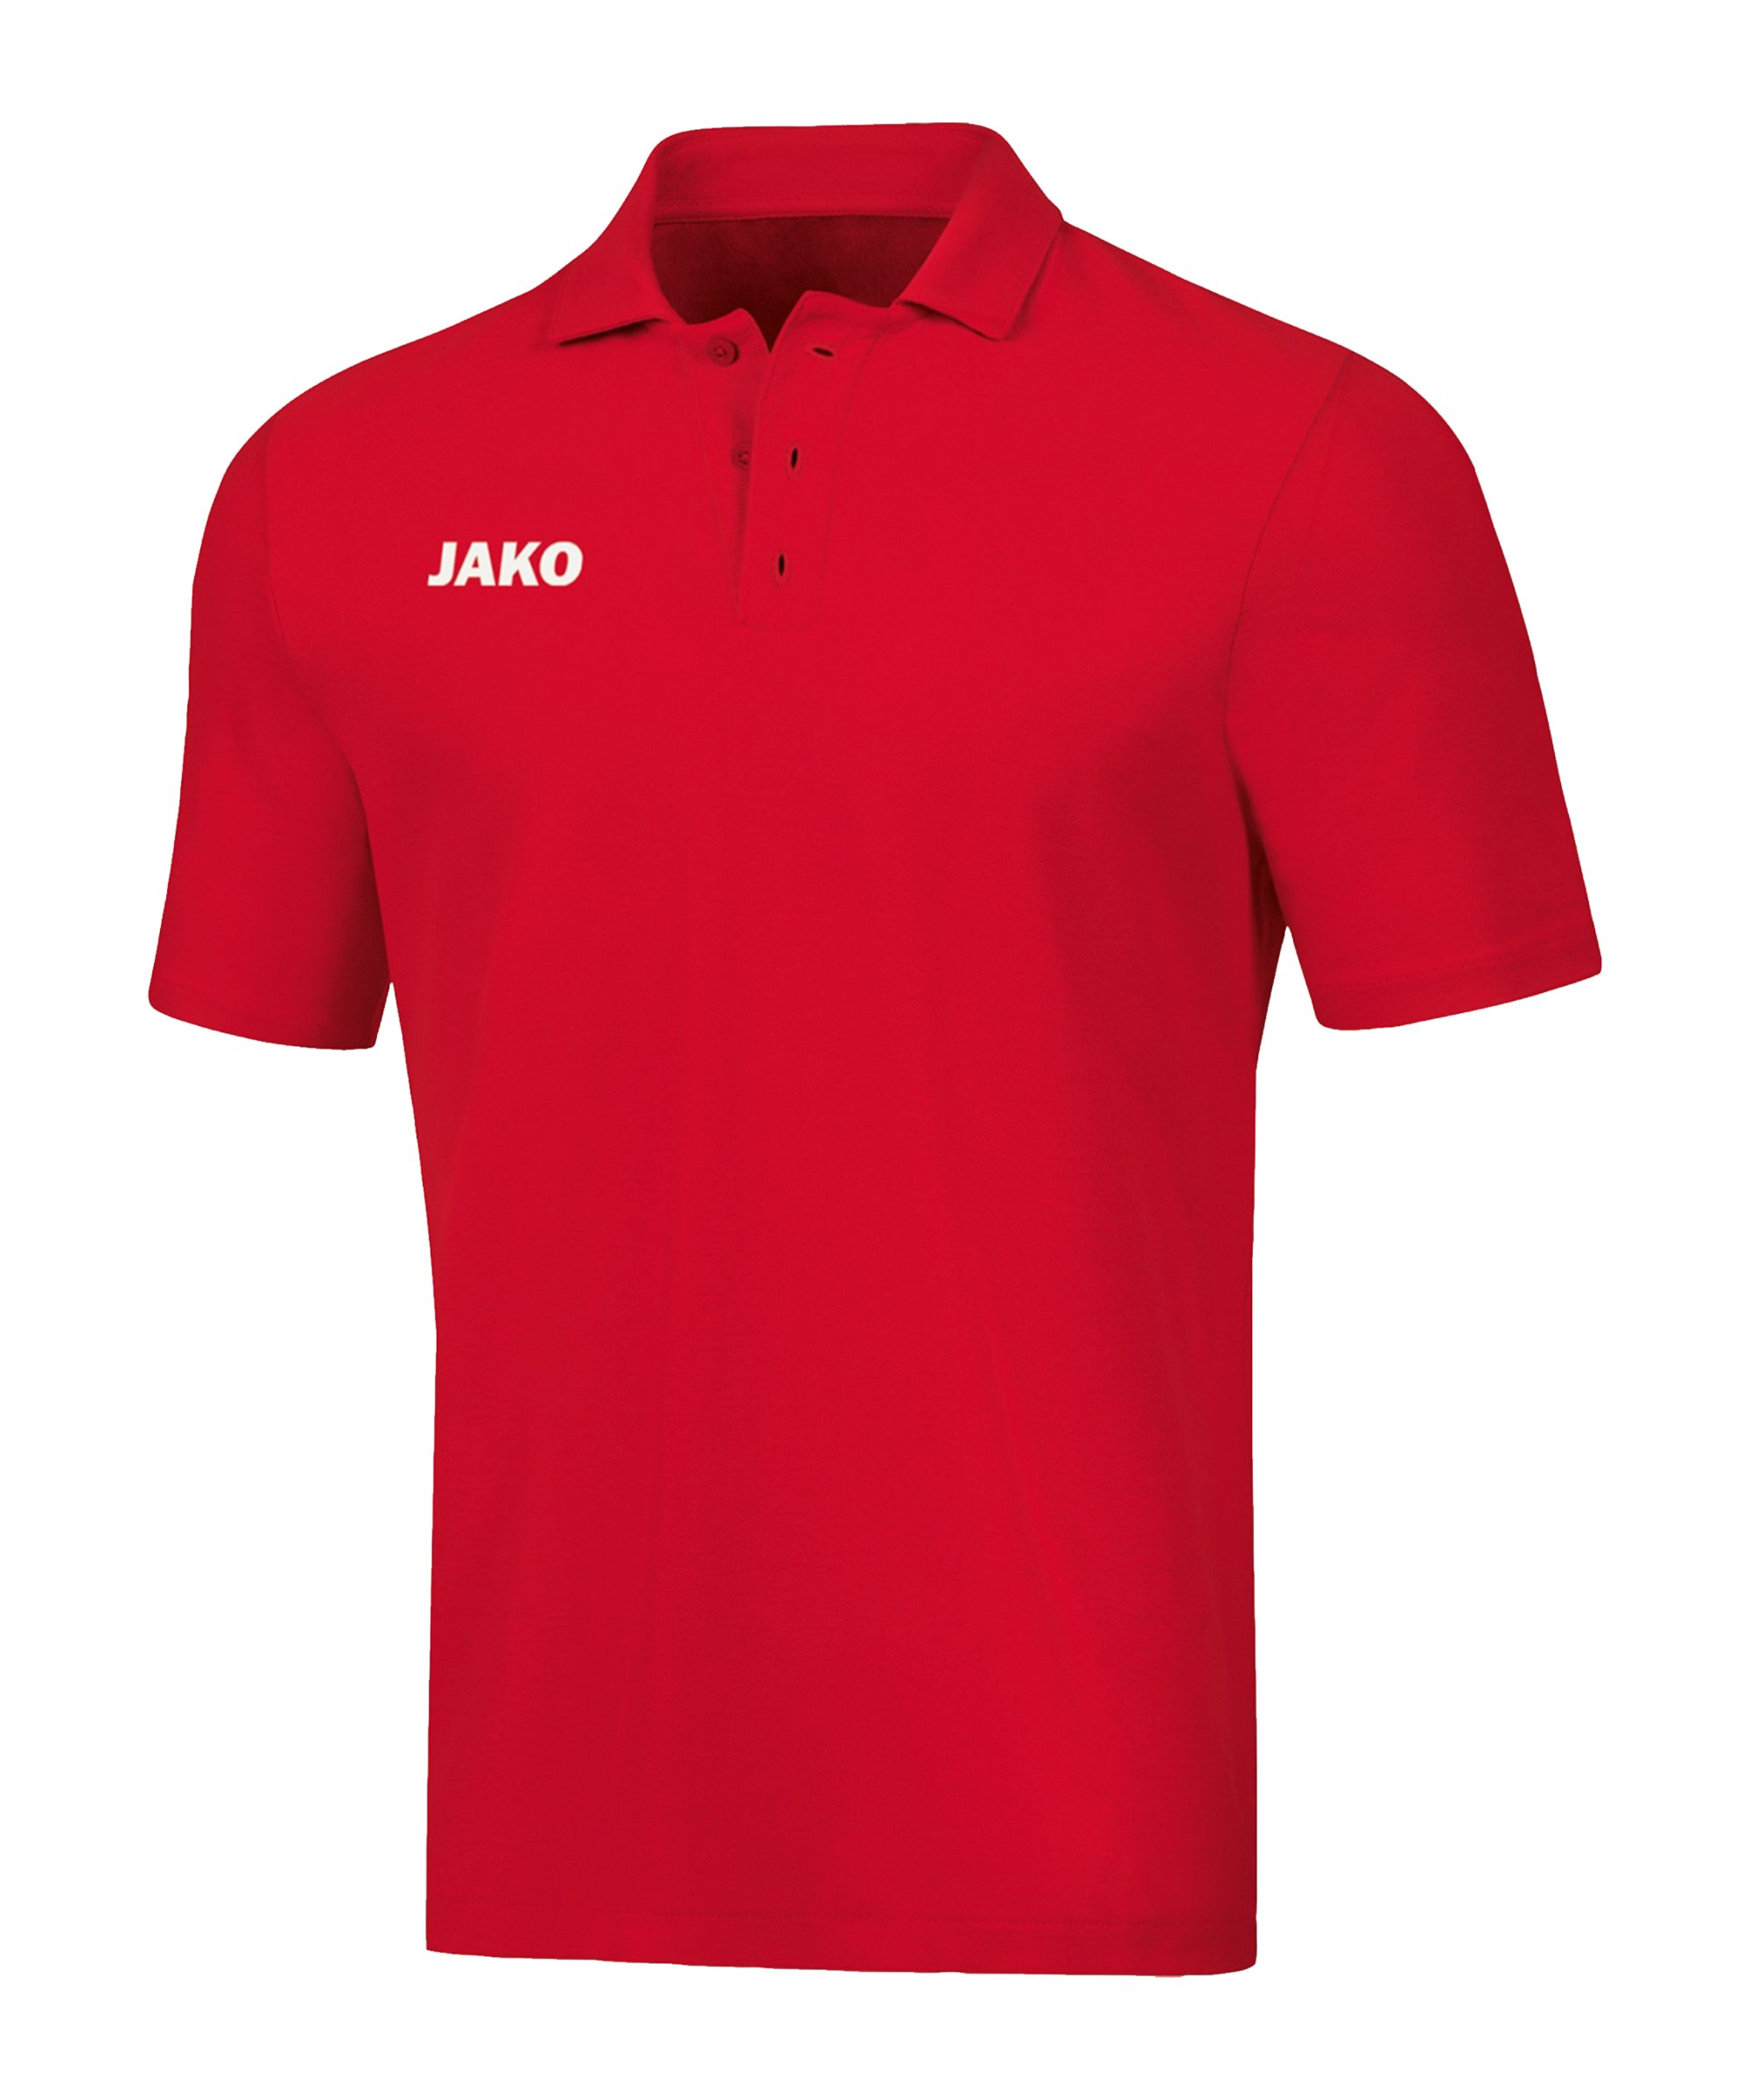 JAKO Base Poloshirt Kids Rot F01 - rot